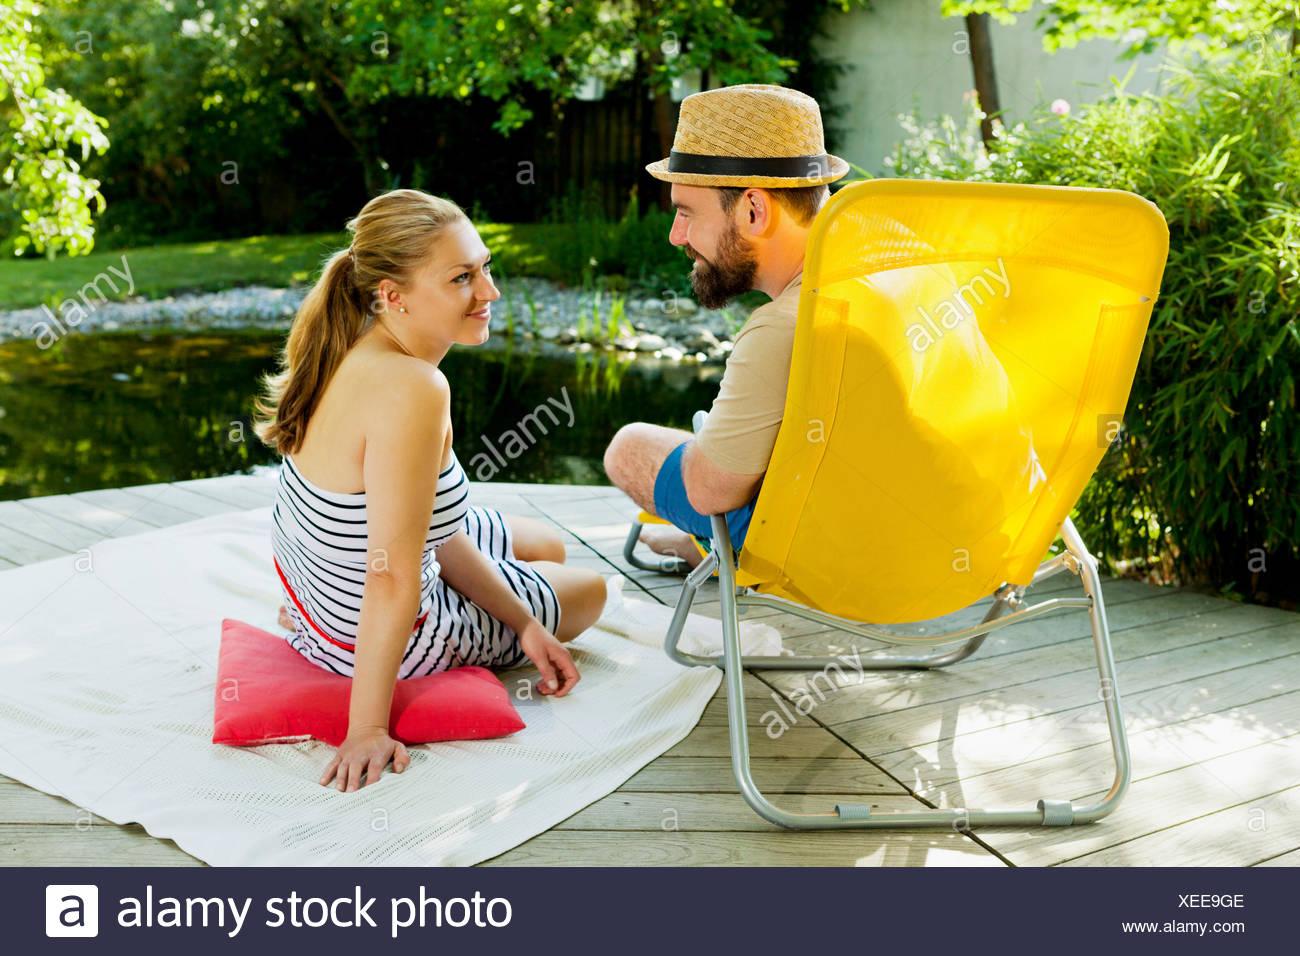 Coppia eterosessuale si prende una pausa dal laghetto, Monaco di Baviera, Germania Immagini Stock